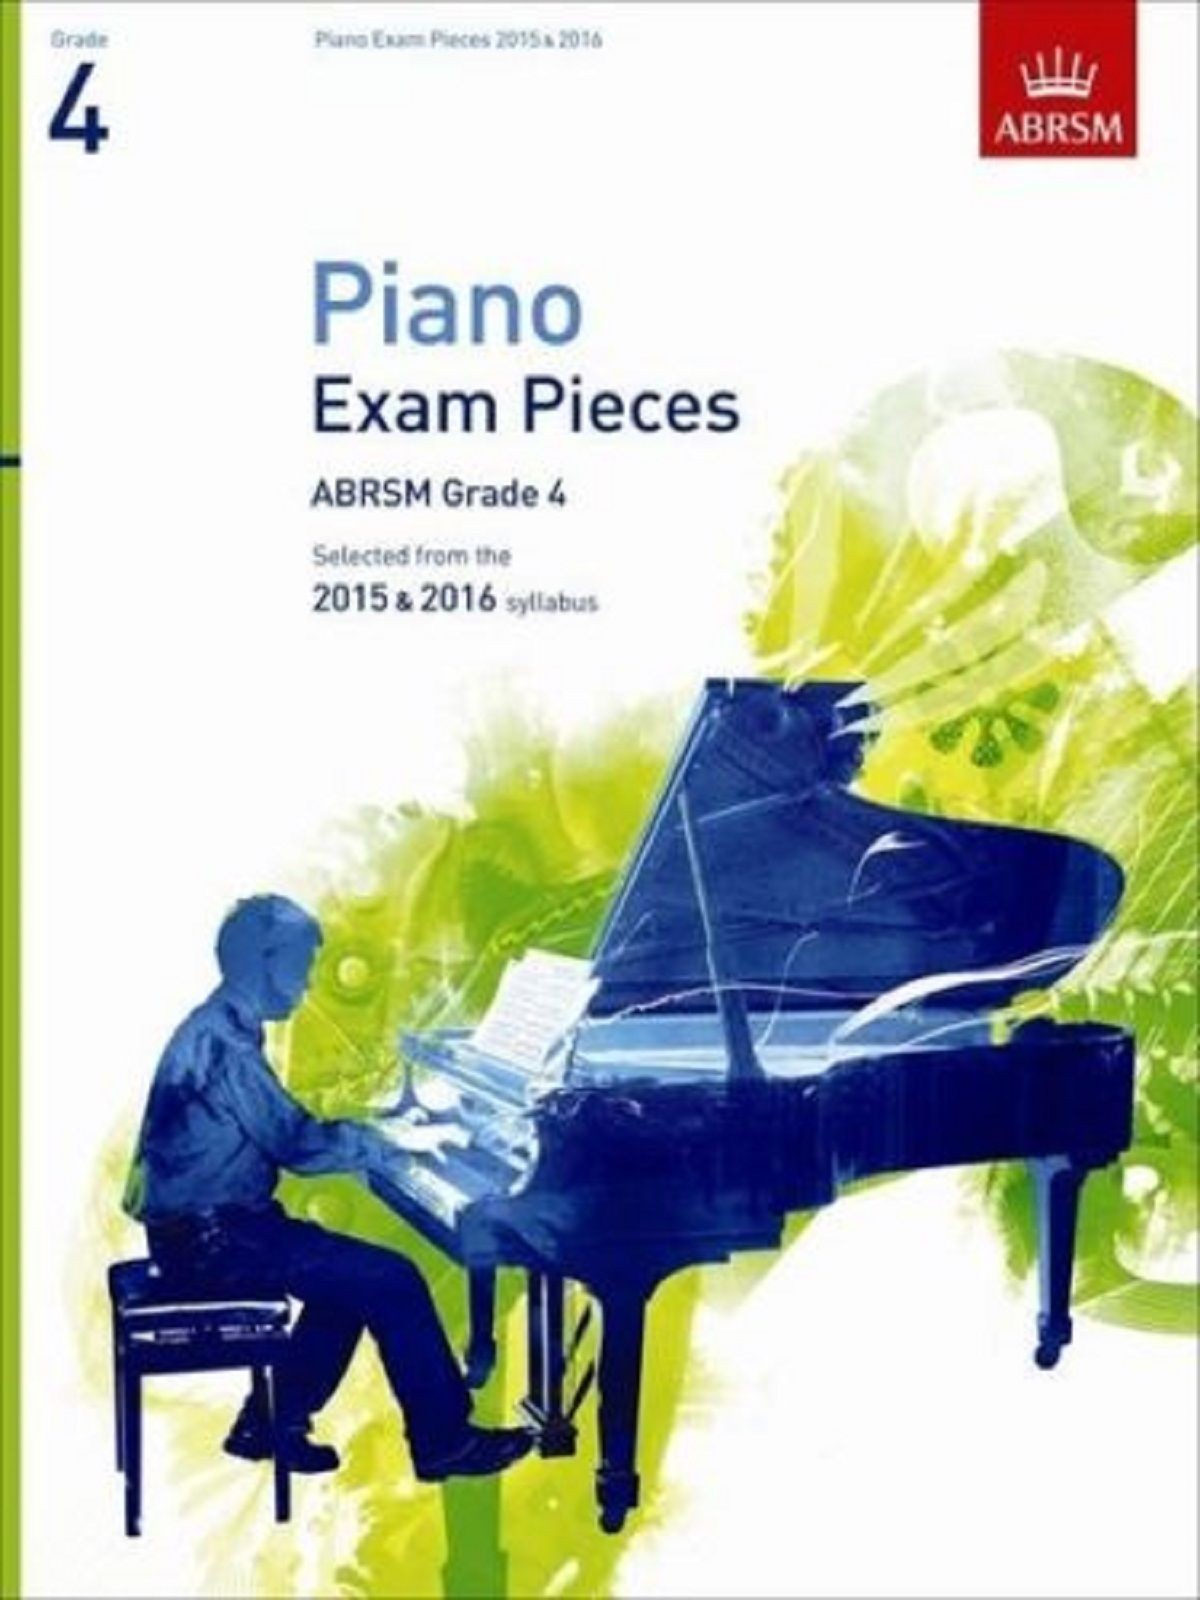 Piano Exam Pieces ABRSM Grade 4 2015 & 2016 Syllabus Examination Book S123